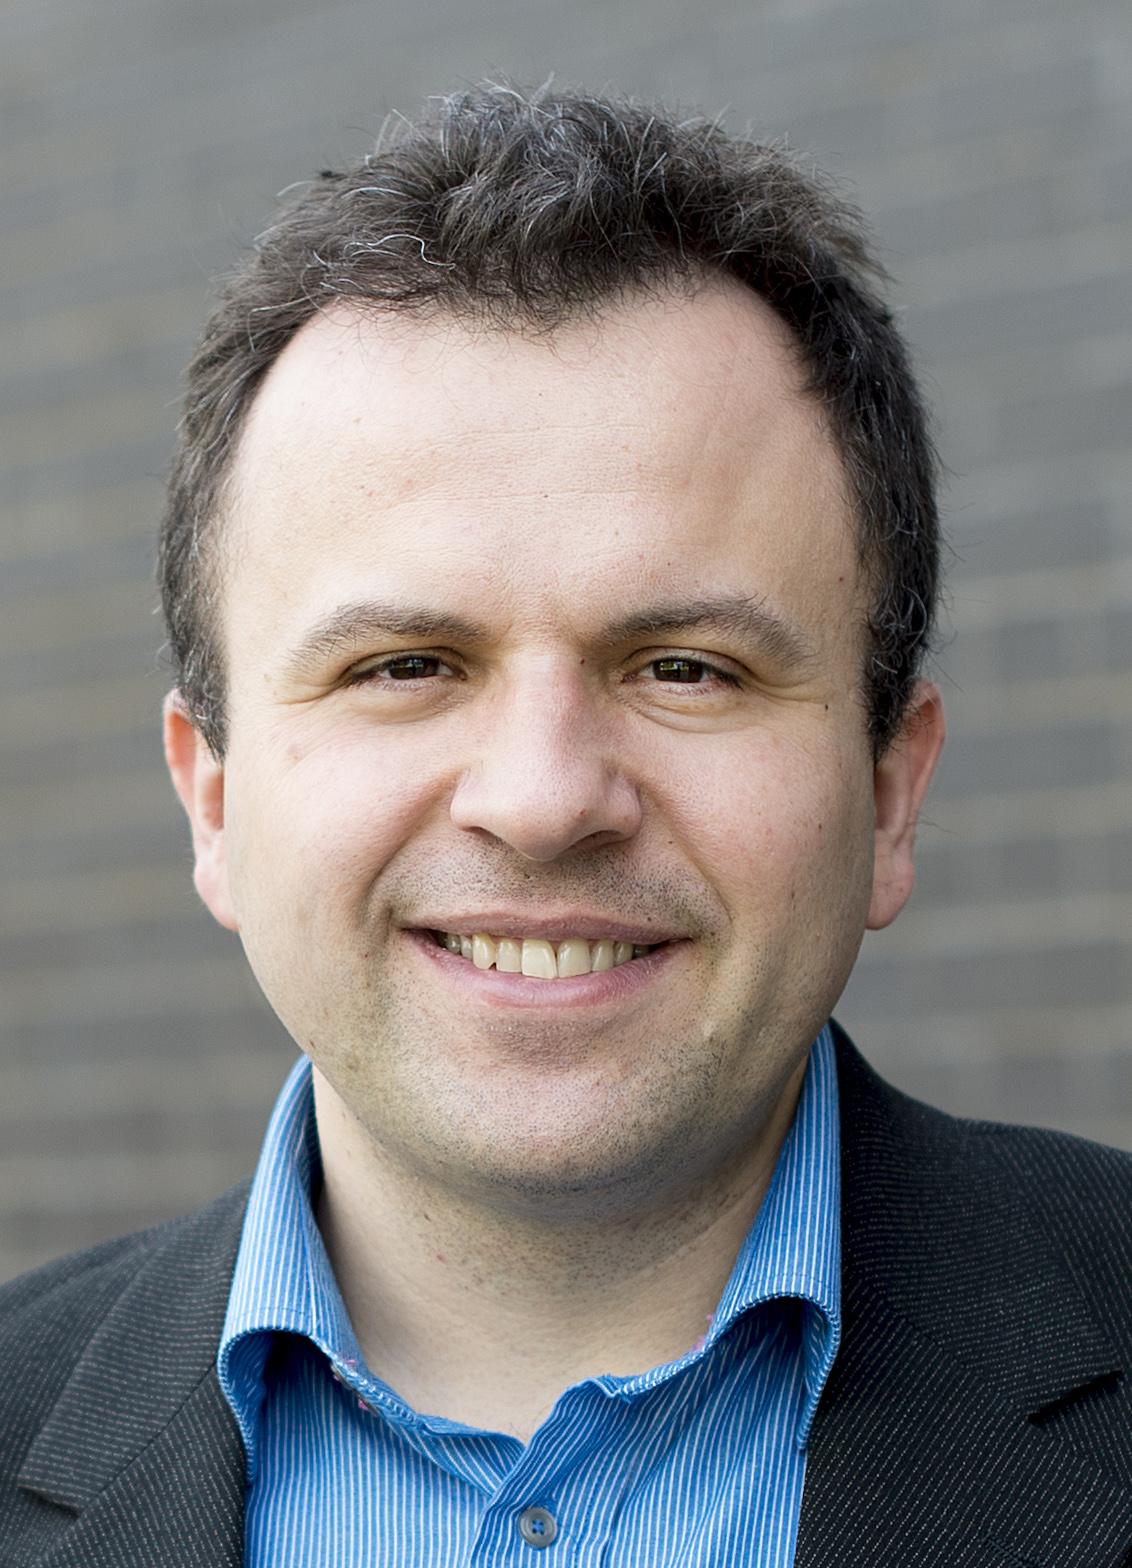 Josef Lewandowski